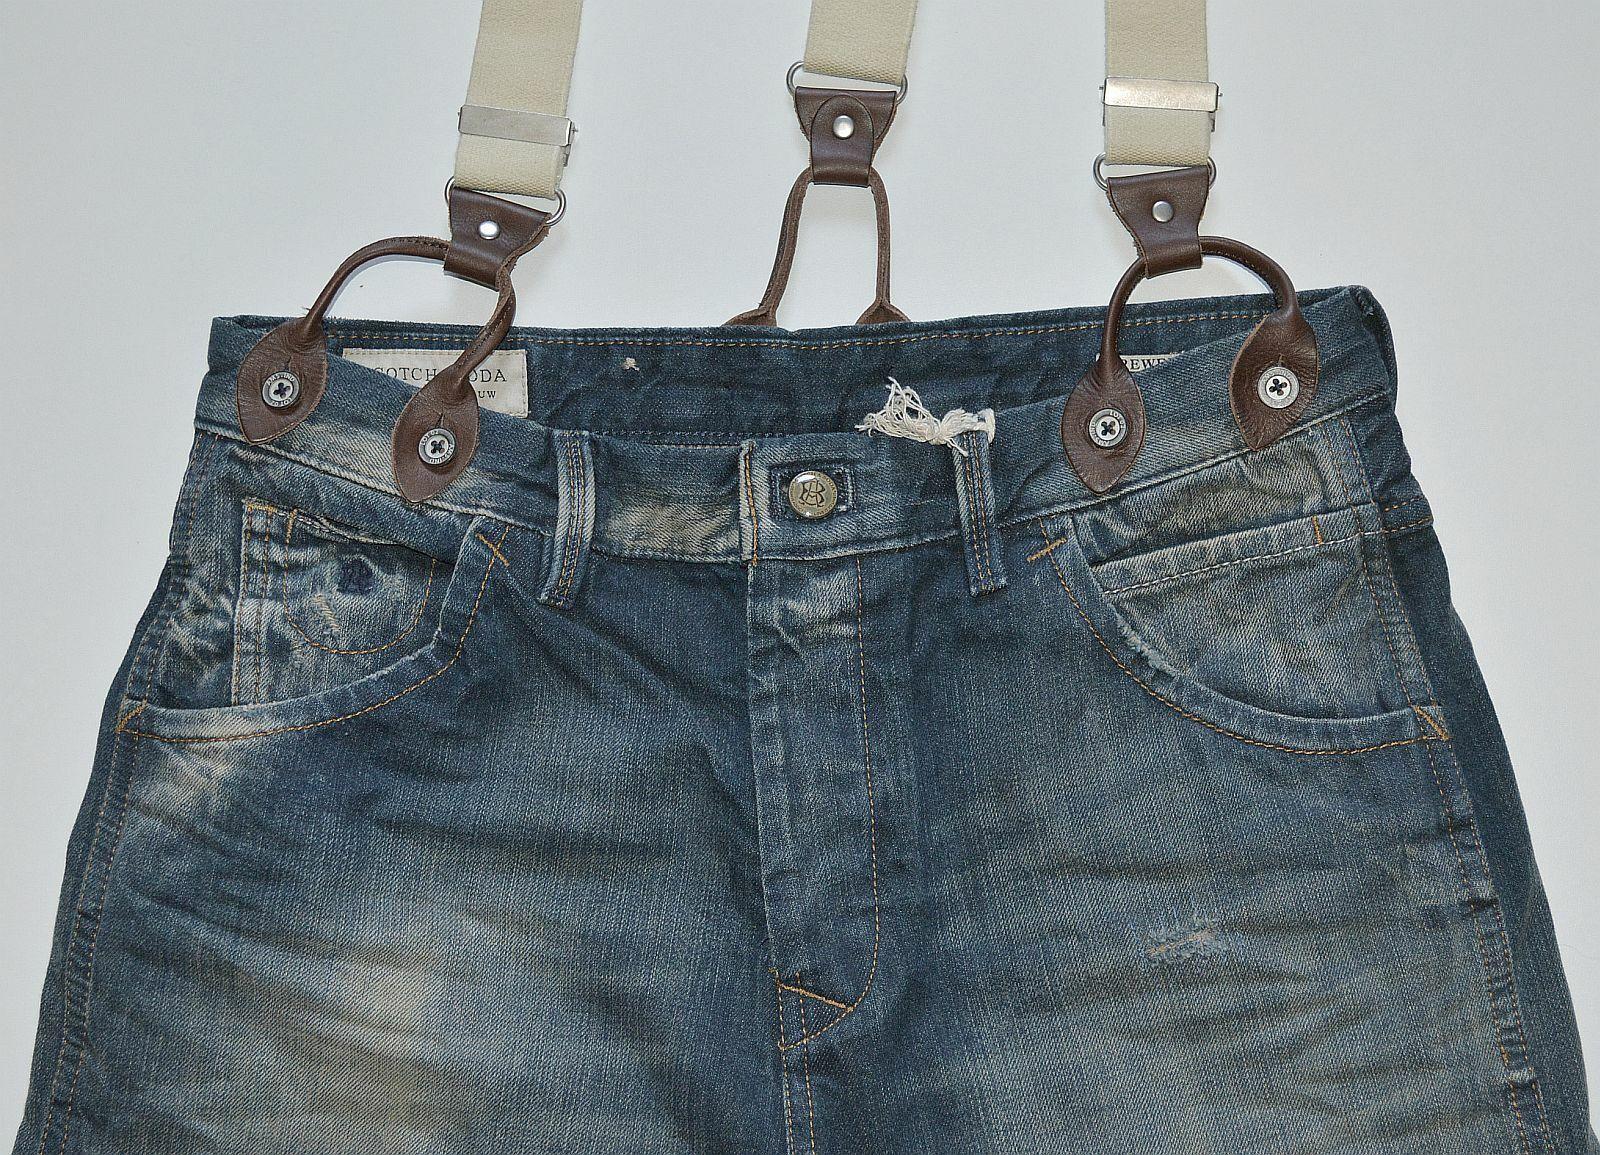 Scotch & Soda Brewer 1306-07.85077 Antifit Herren Jeans Jeans Jeans Hosen sale 48101400 478eca